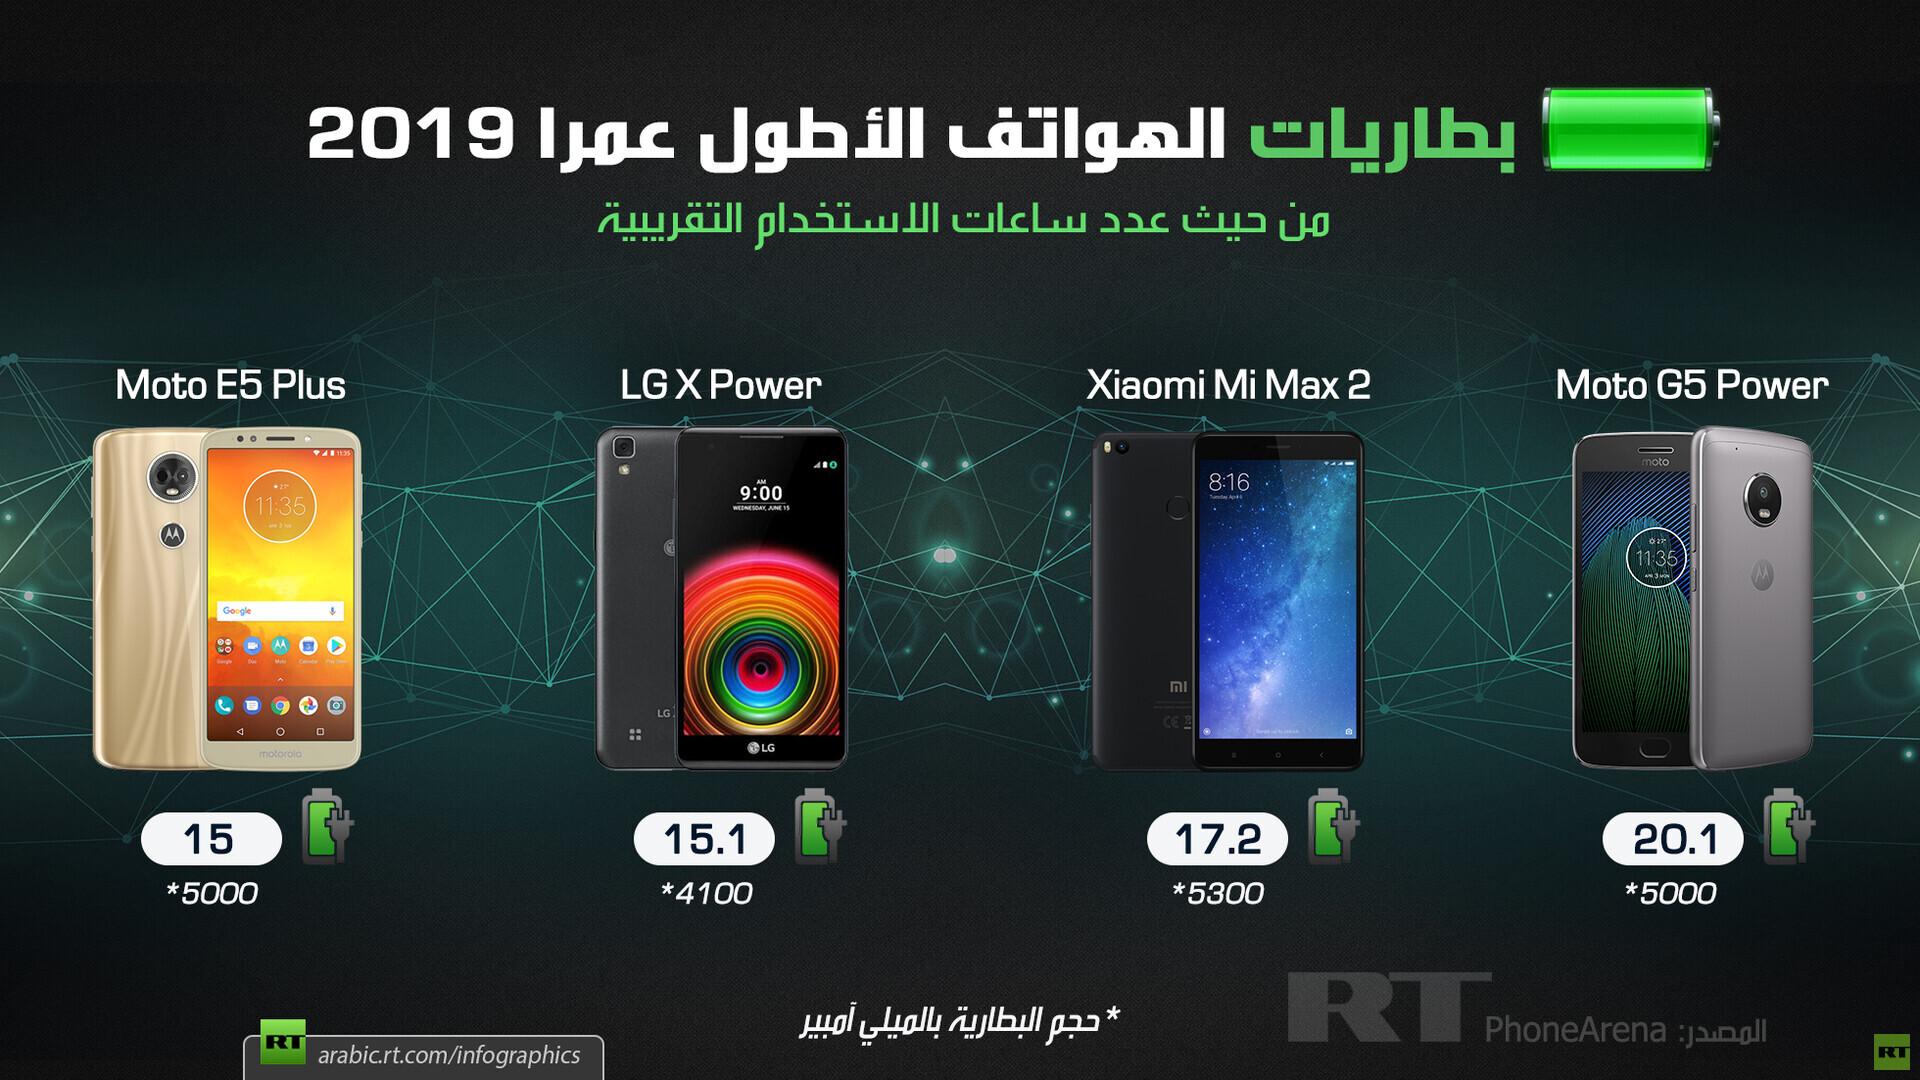 بطاريات الهواتف الأطول عمرا 2019